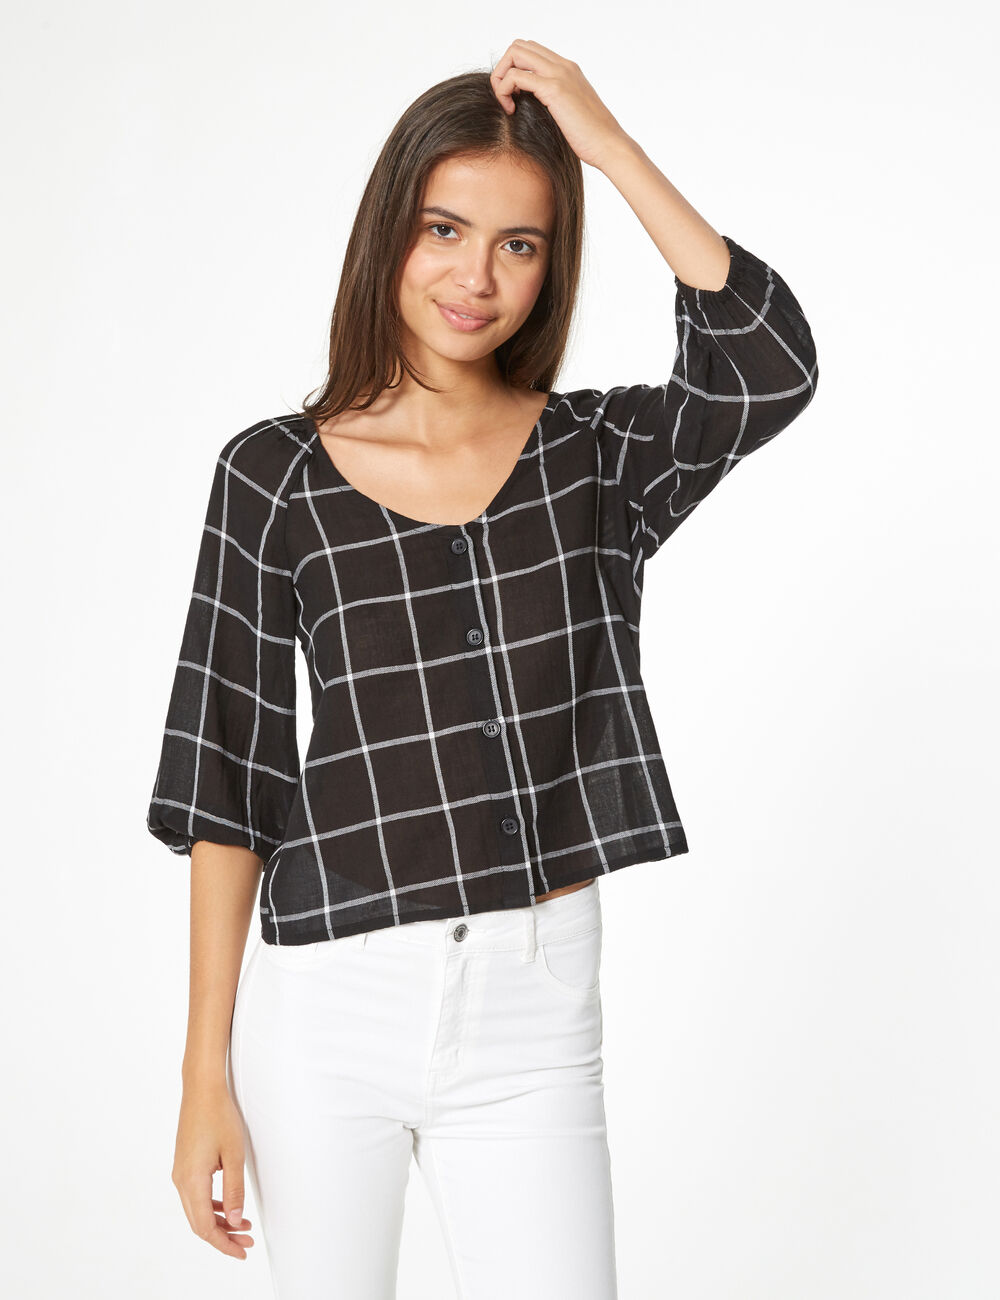 site professionnel acheter mieux site autorisé blouse à carreaux